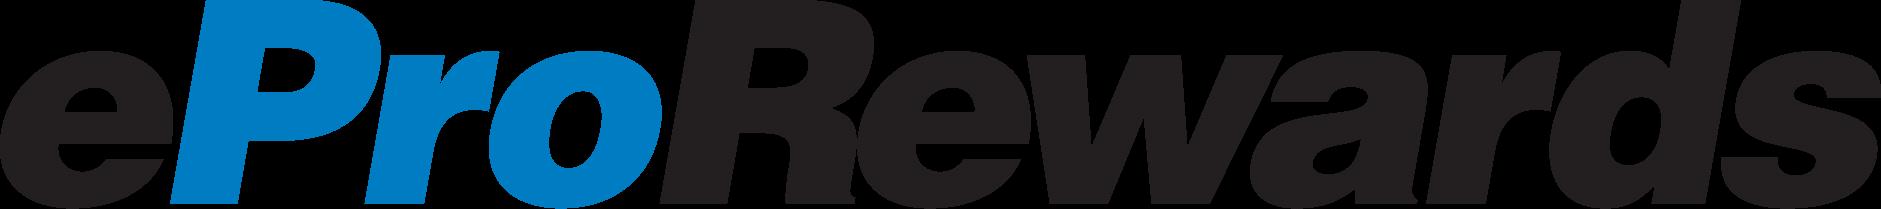 eProRewards logo